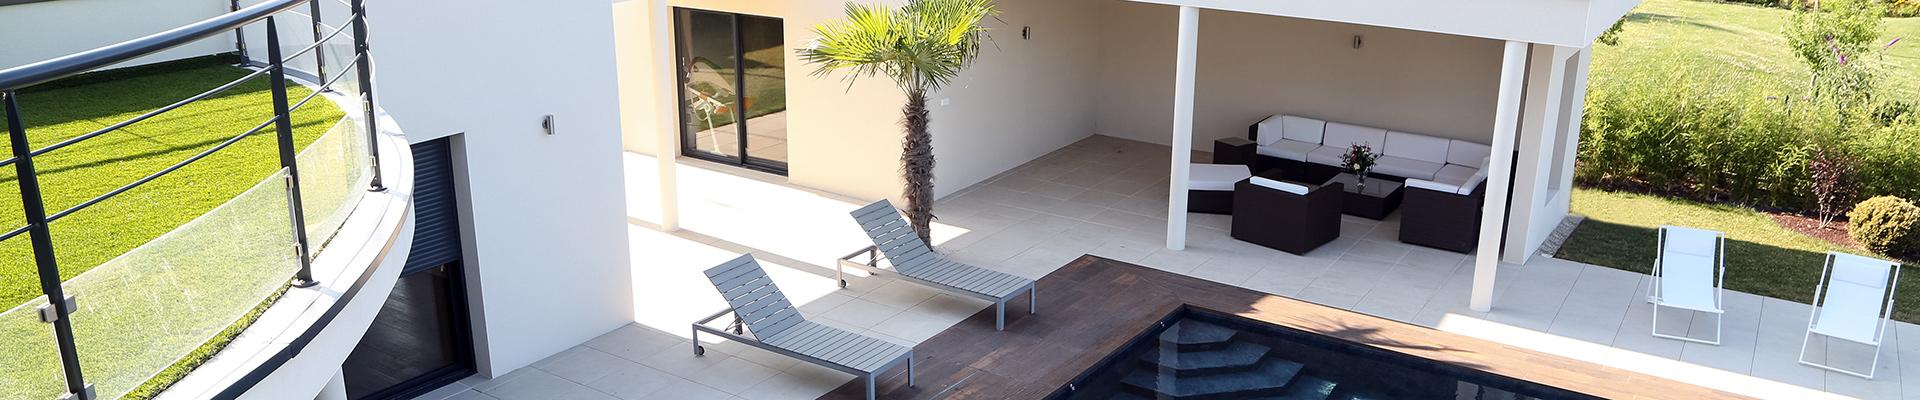 Serrault Jardins, vous propose l'aménagement paysager de votre jardin.